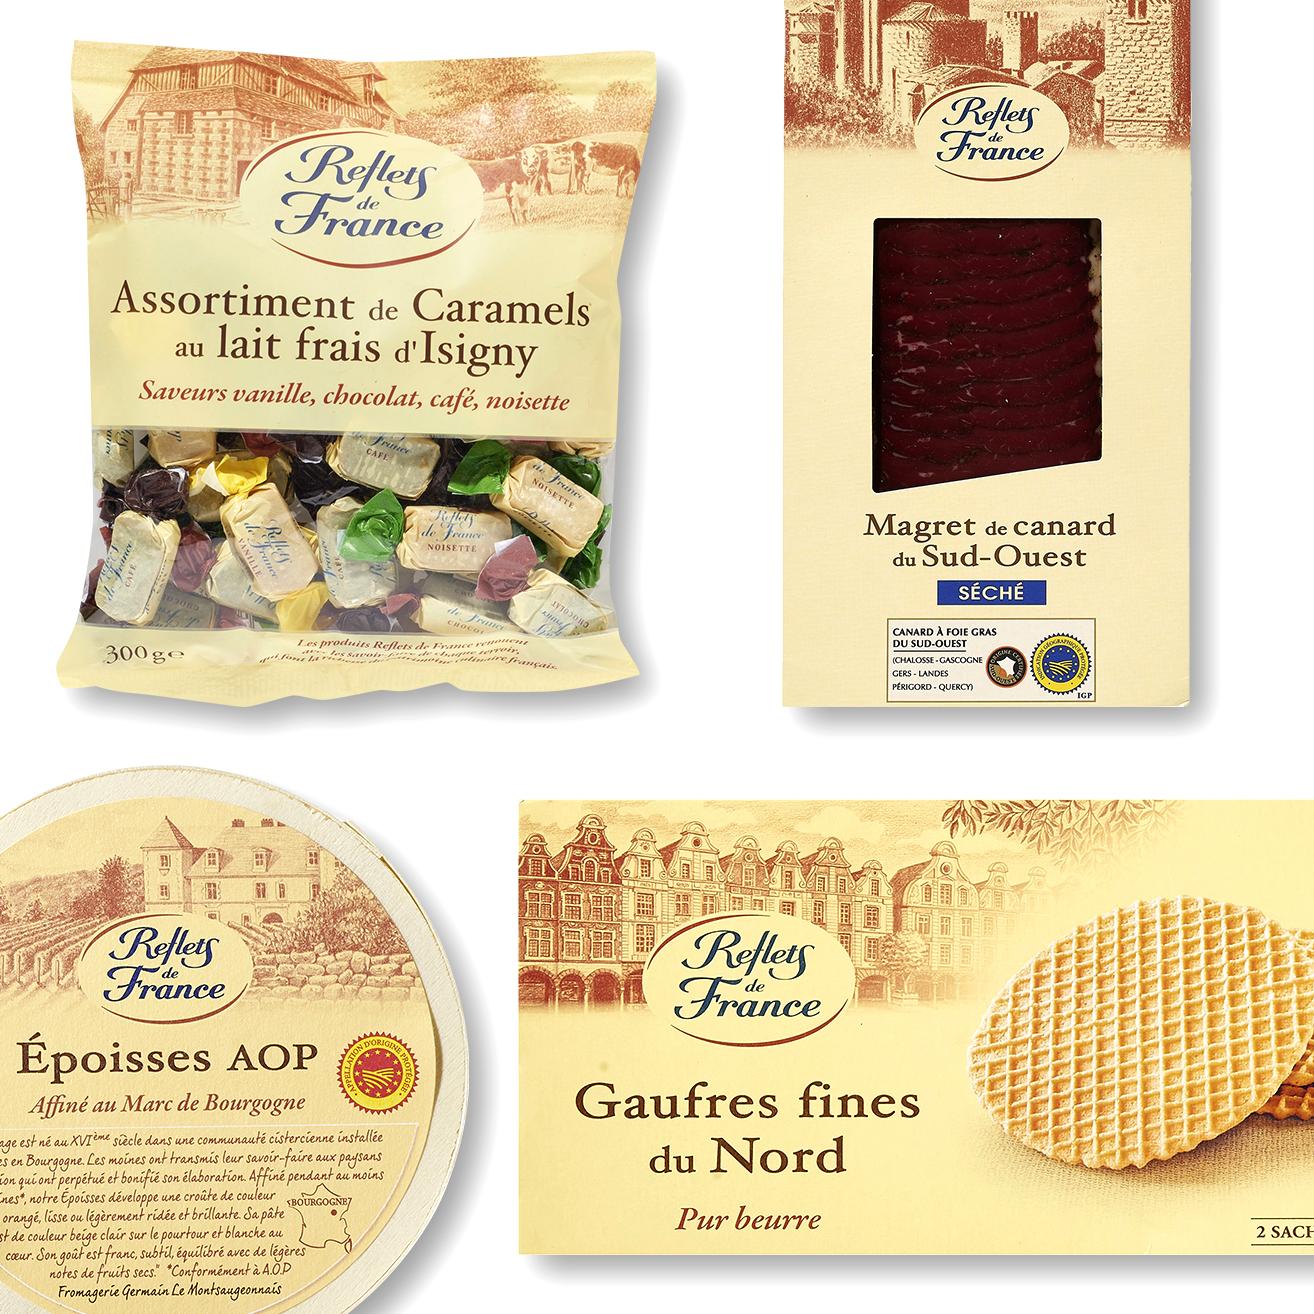 Image de produits Reflets de France